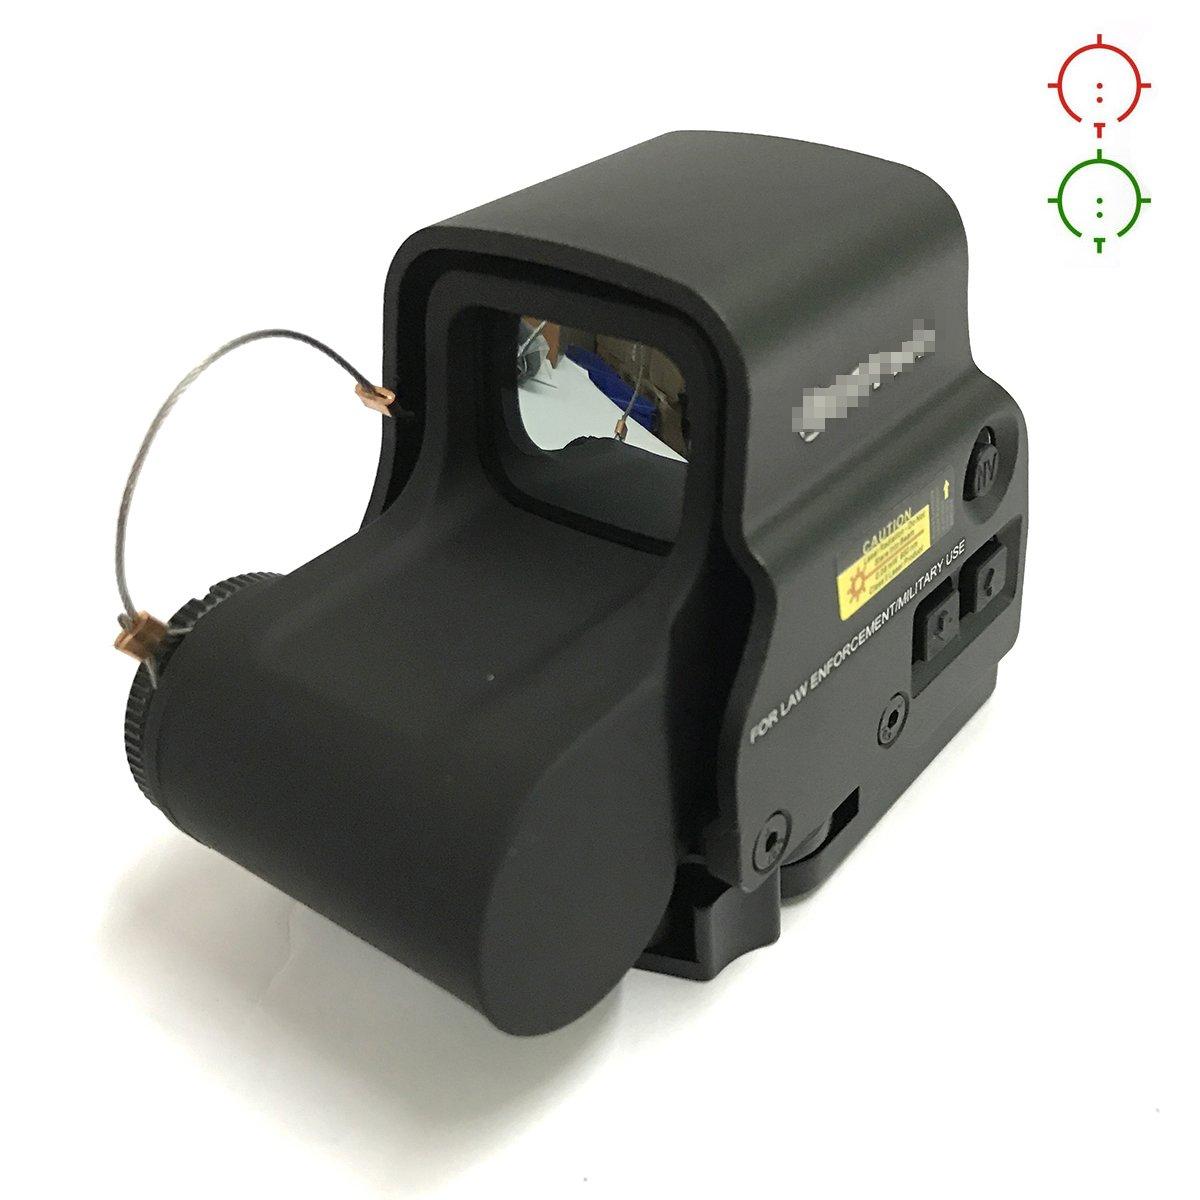 ATAIRSOFT Airsoft táctico holográfico 558 Nuevo visor de puntos rojo y verde negro WorldShopping4U